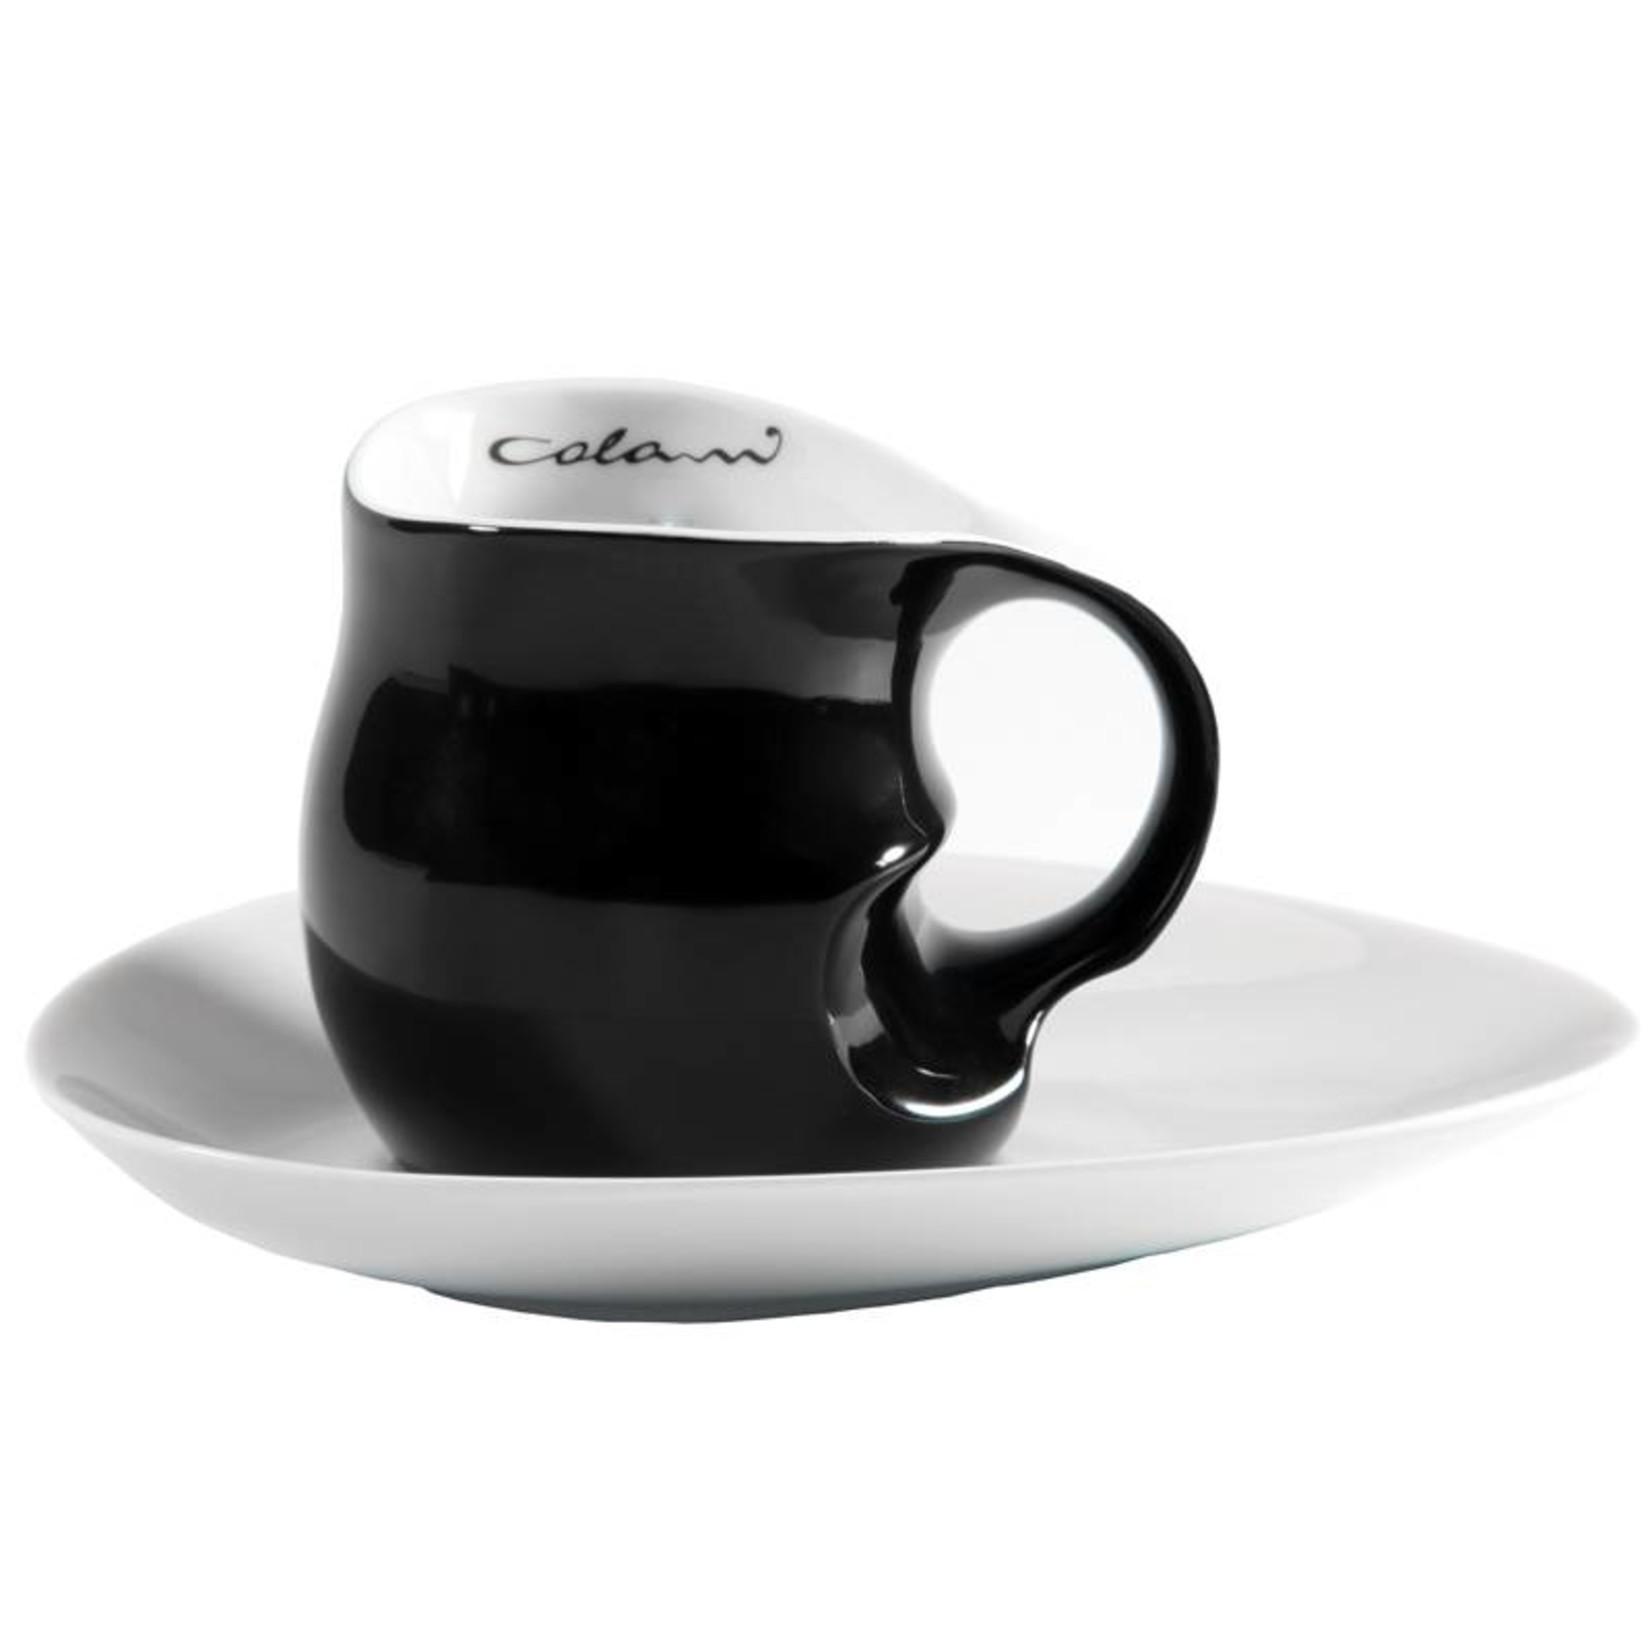 Colani Porzellanserie Colani Kaffee-/Cappuccinotasse   Tasse inkl. Unterteller   schwarz